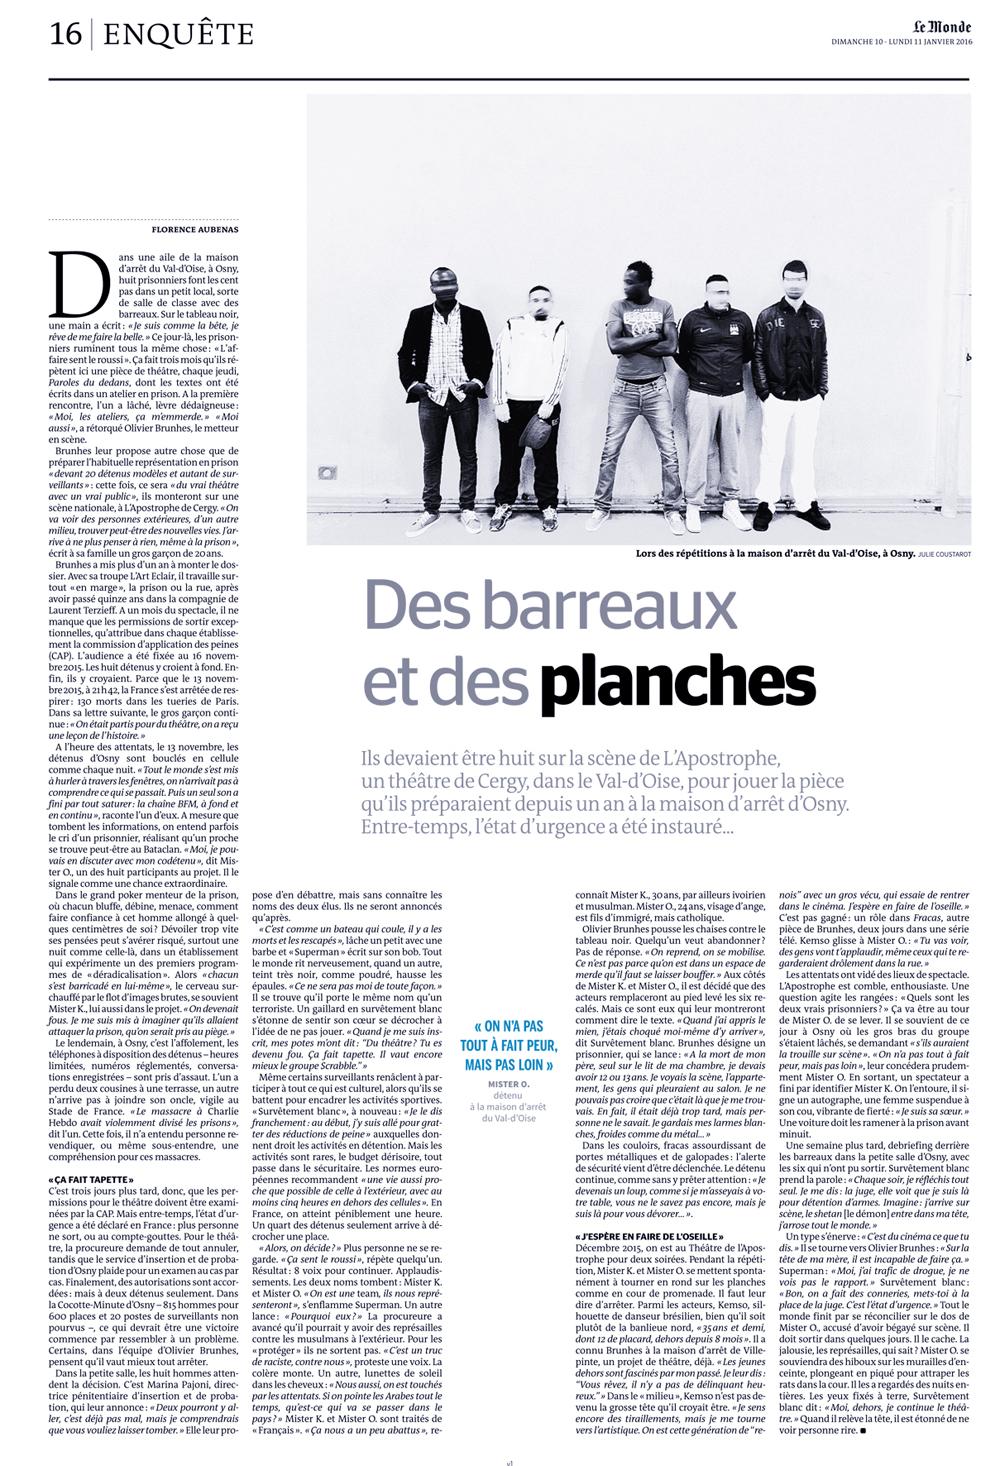 Le Monde-Julie Coustarot